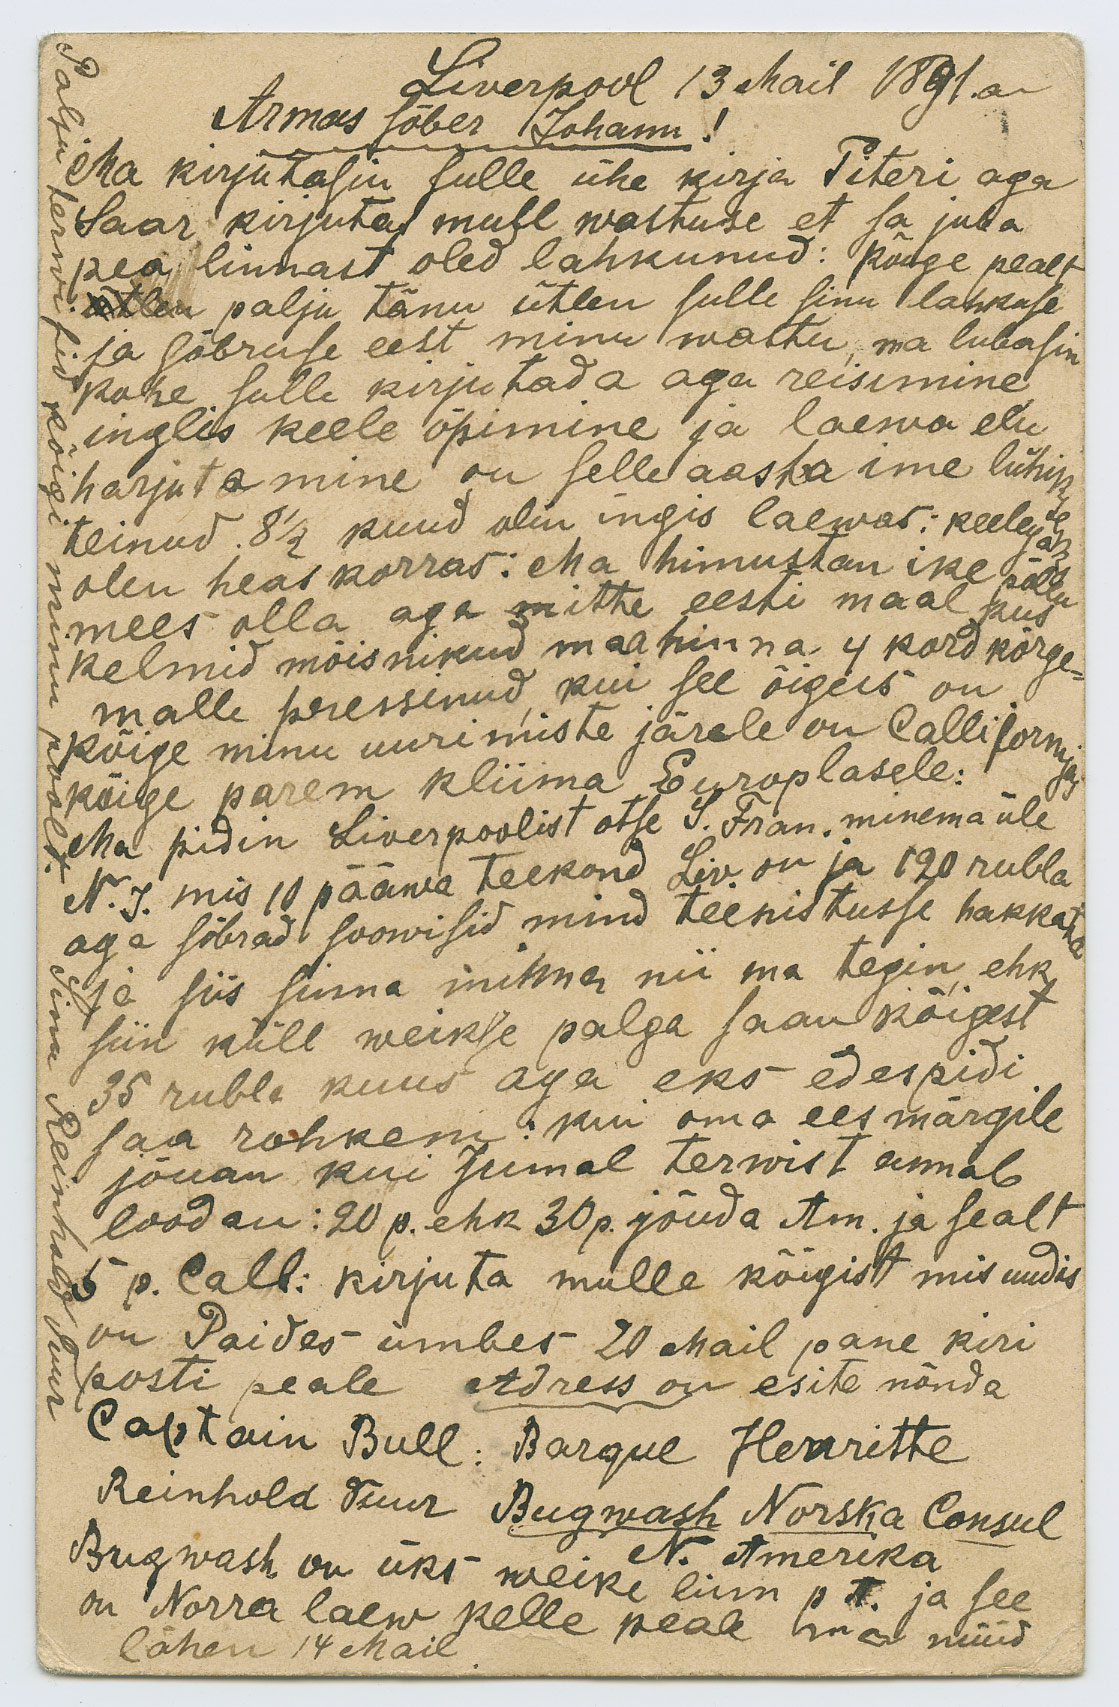 1035b-seikleja-Reinhold-Tuur-Liverpool - Paide-1891-postiajalugu-ee